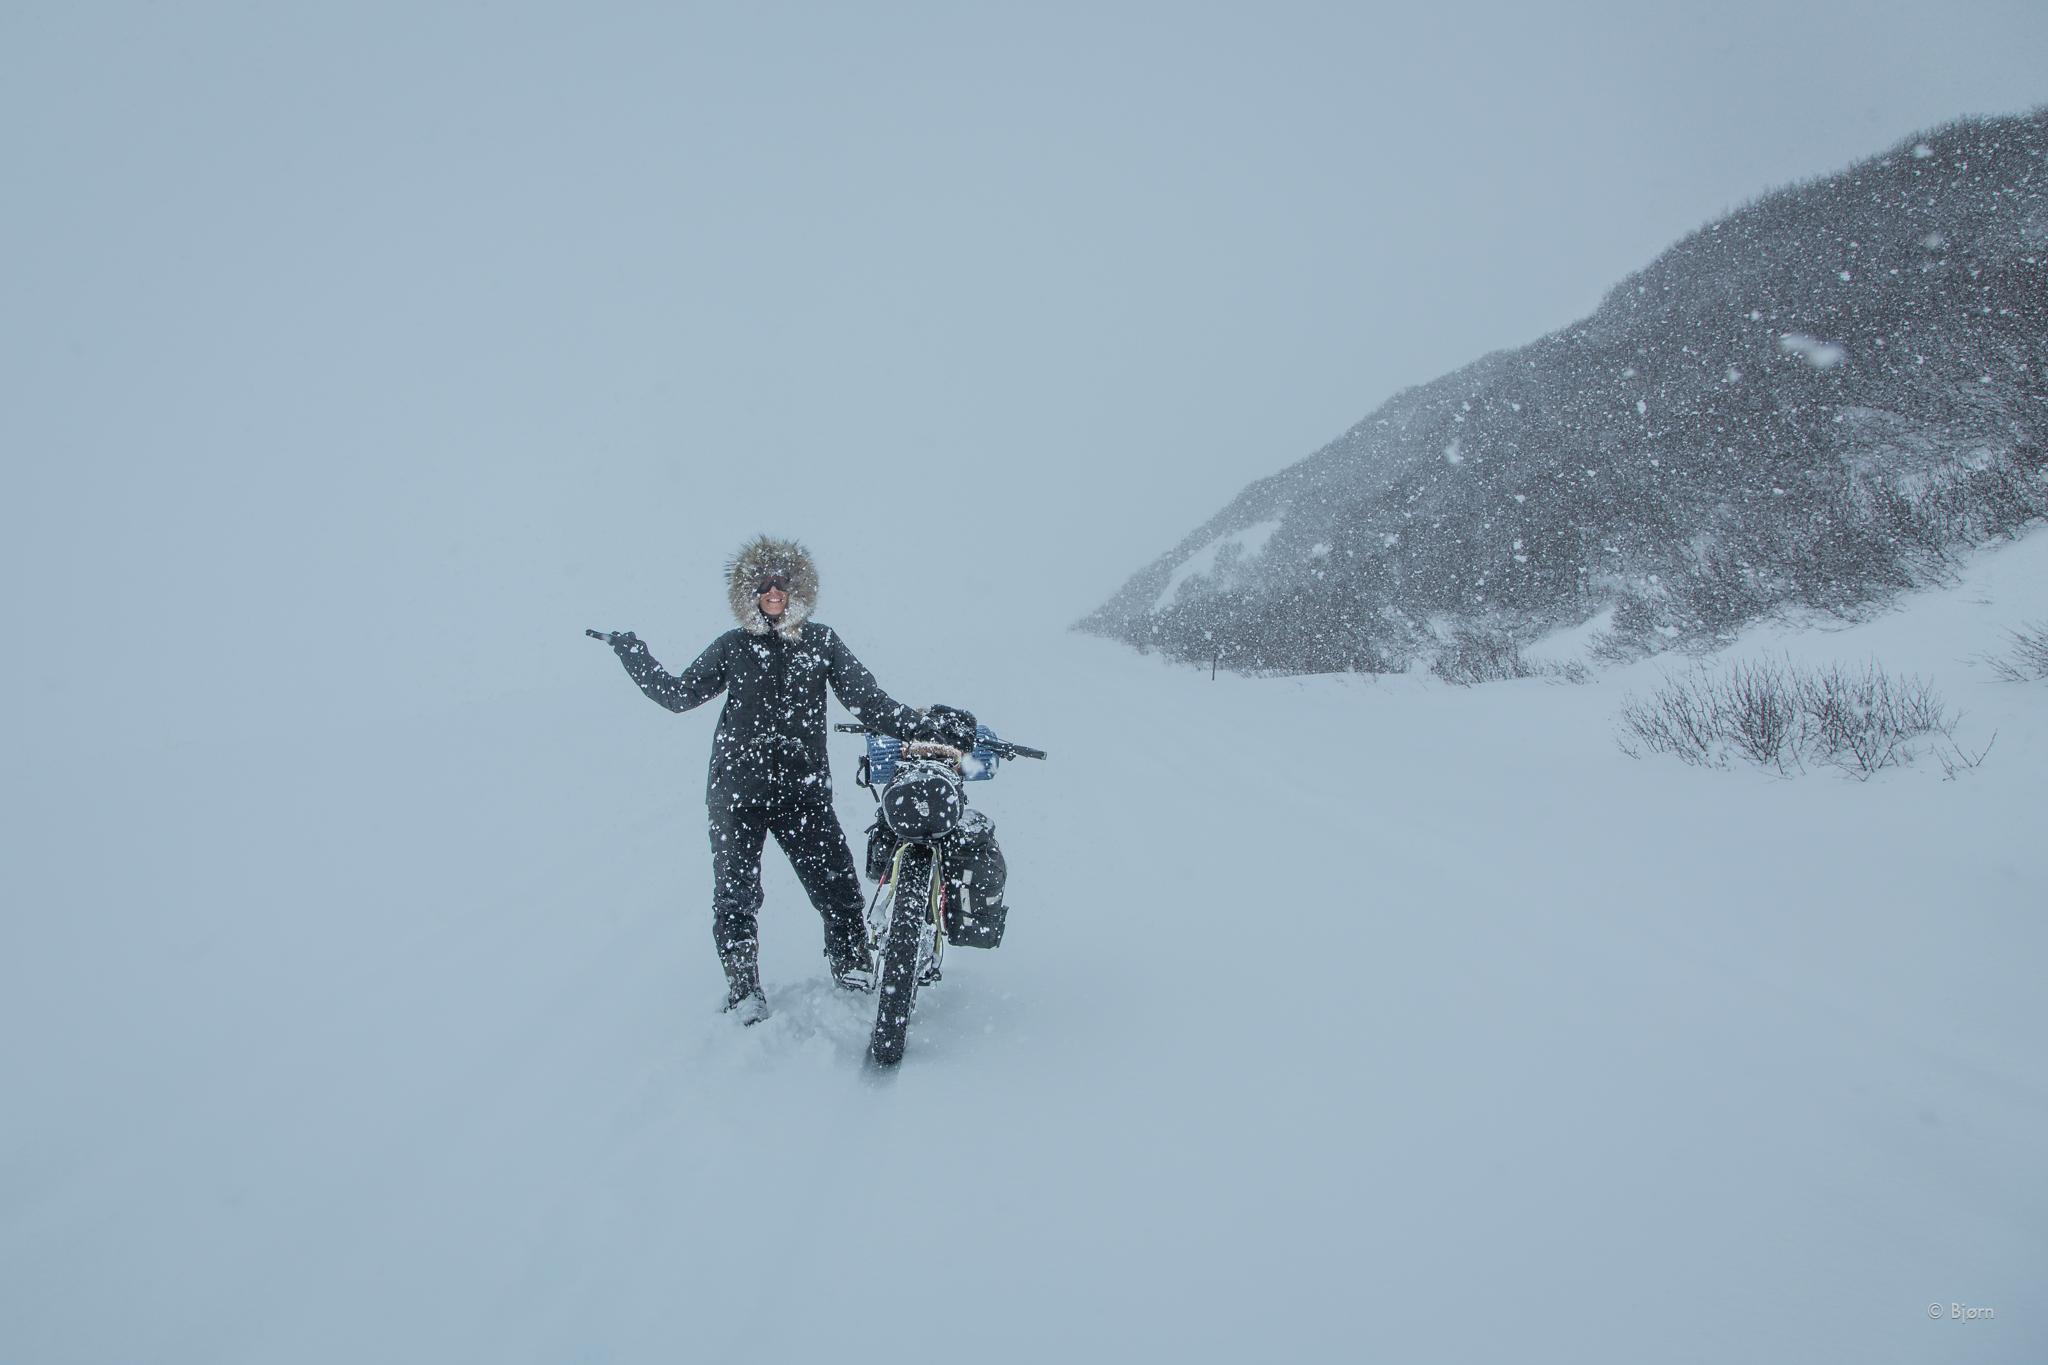 Snow, snow, snow, and more snow.